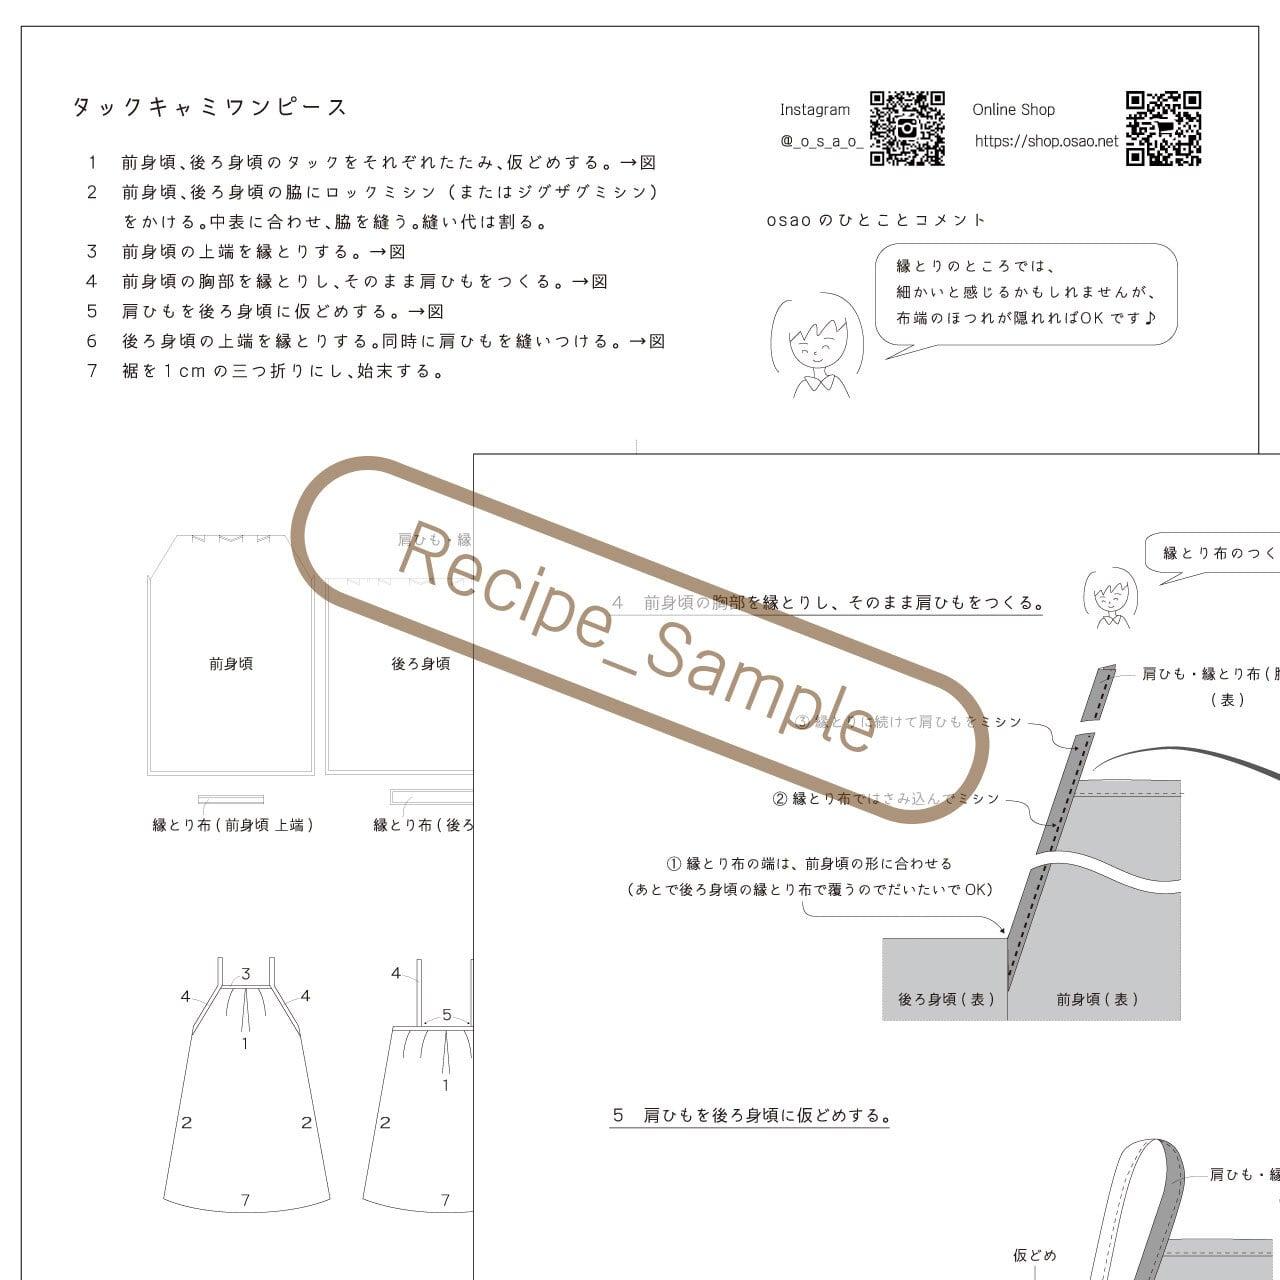 タックキャミワンピース型紙【紙版/レシピ付き】商用利用可能